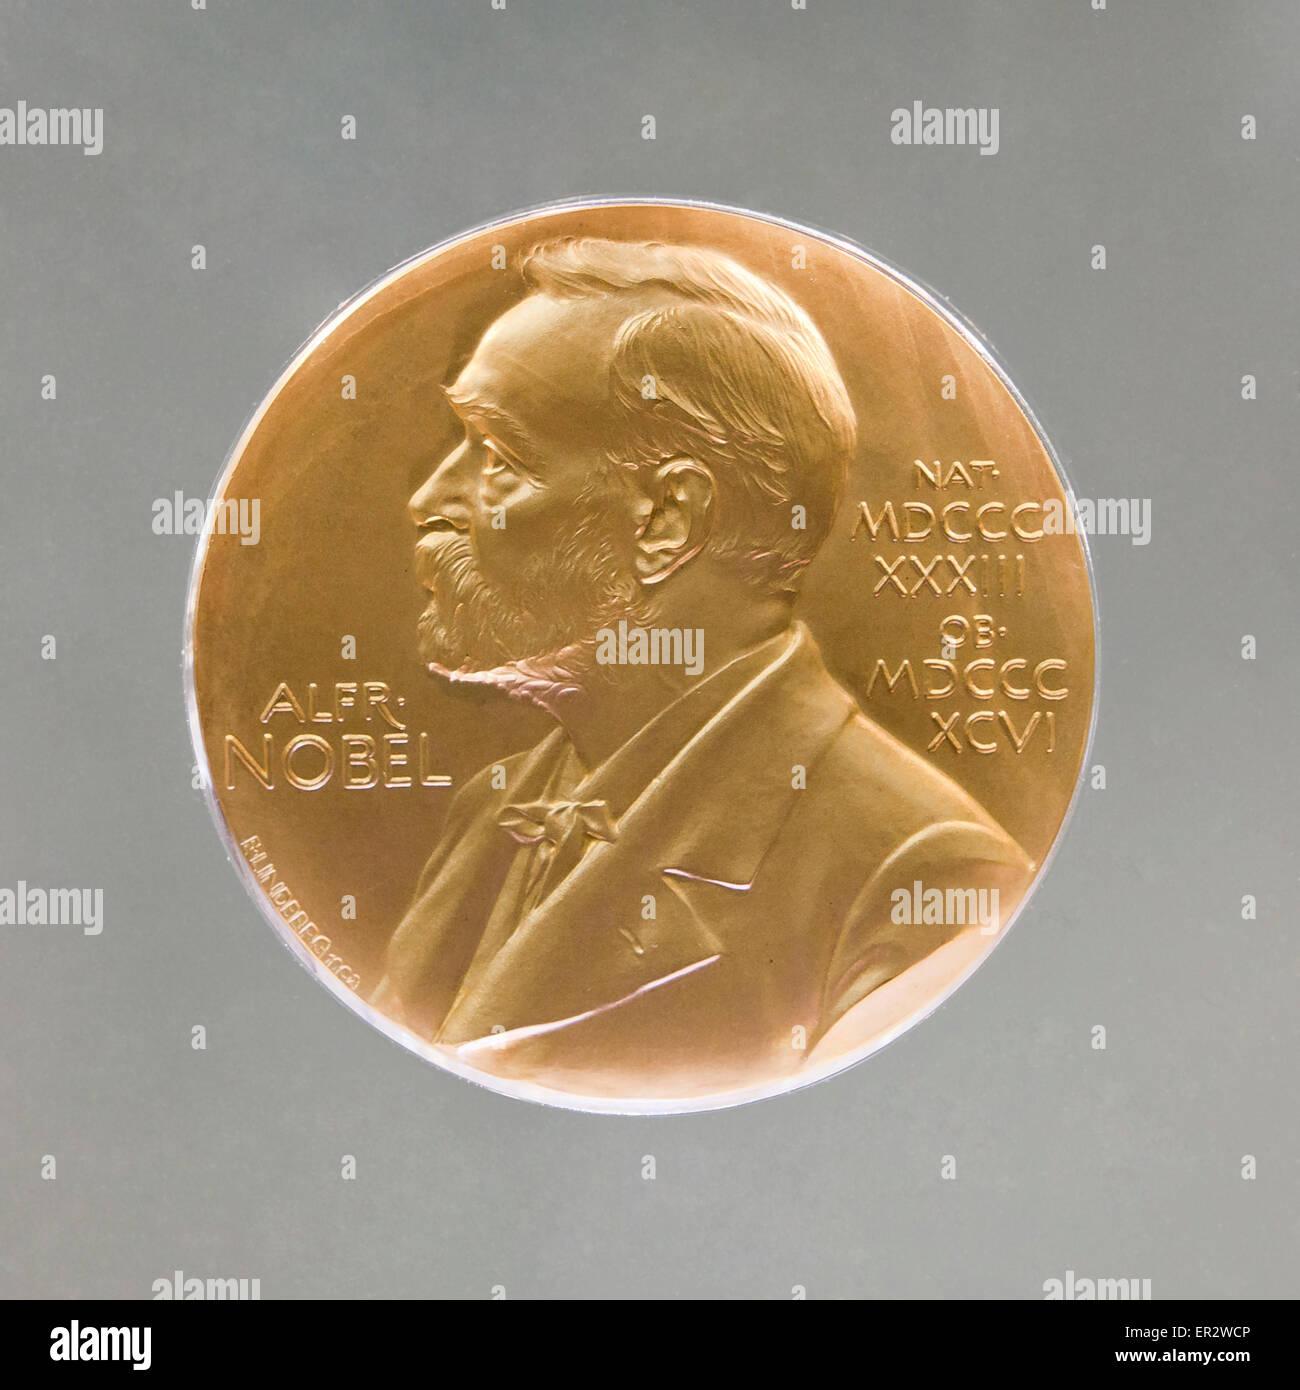 Nobel prize medal - Stock Image